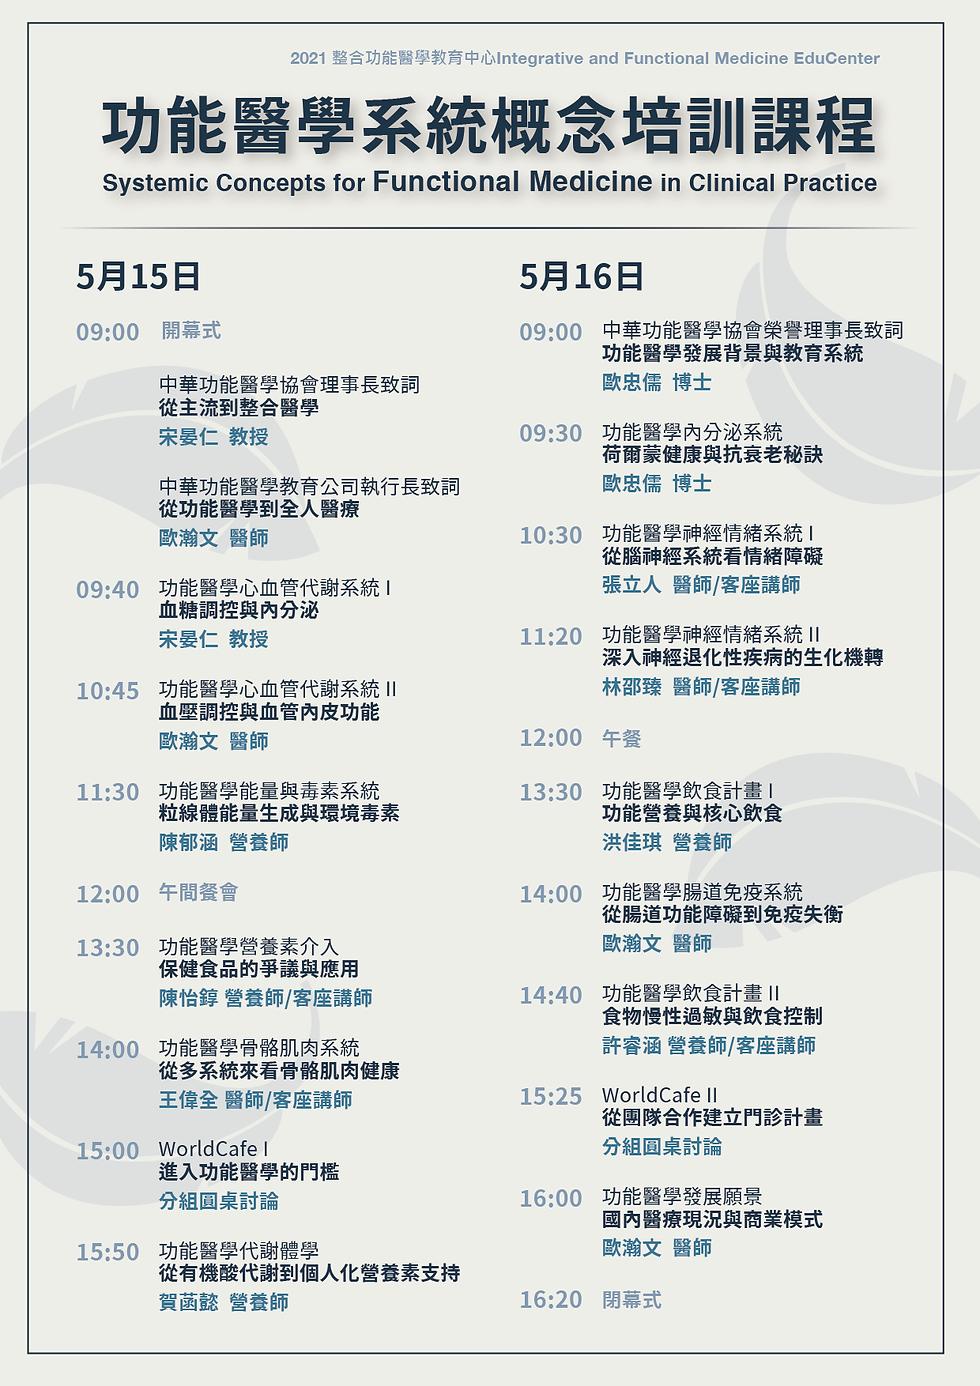 2021 台中系統概念課 課程表.png